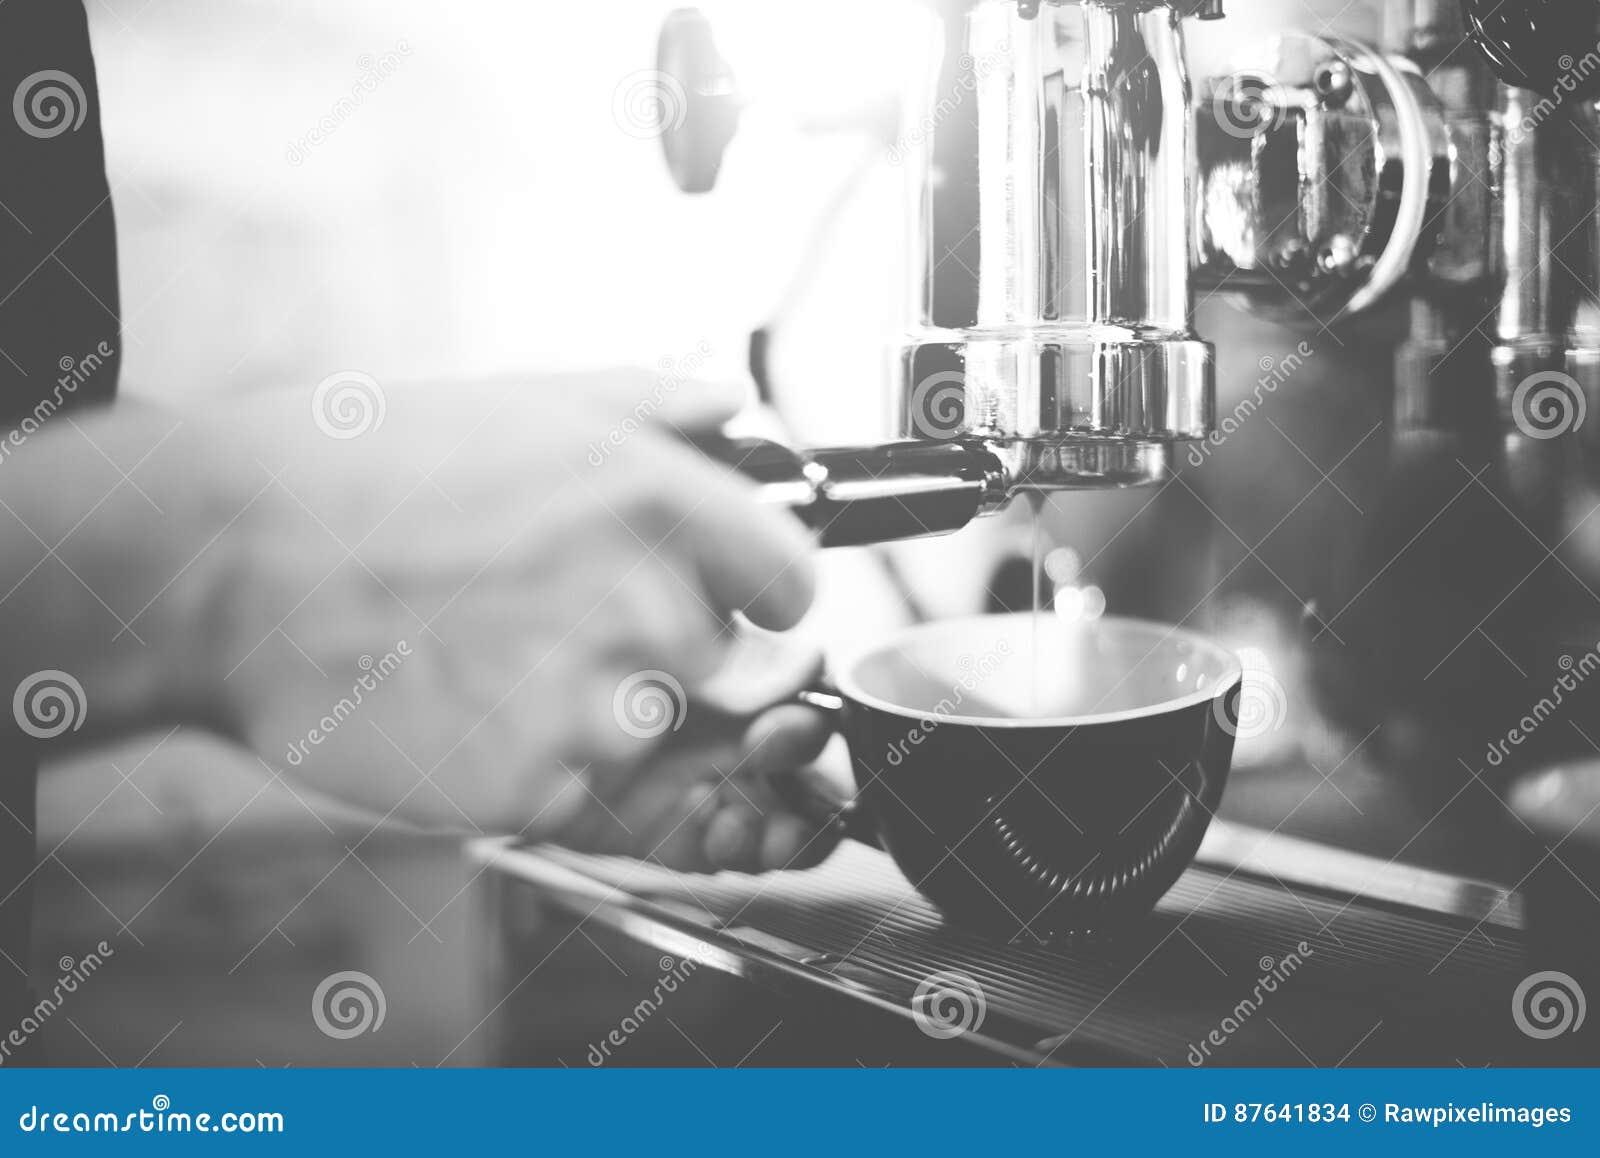 Barista Coffee Maker Machine molar Portafilter Concept